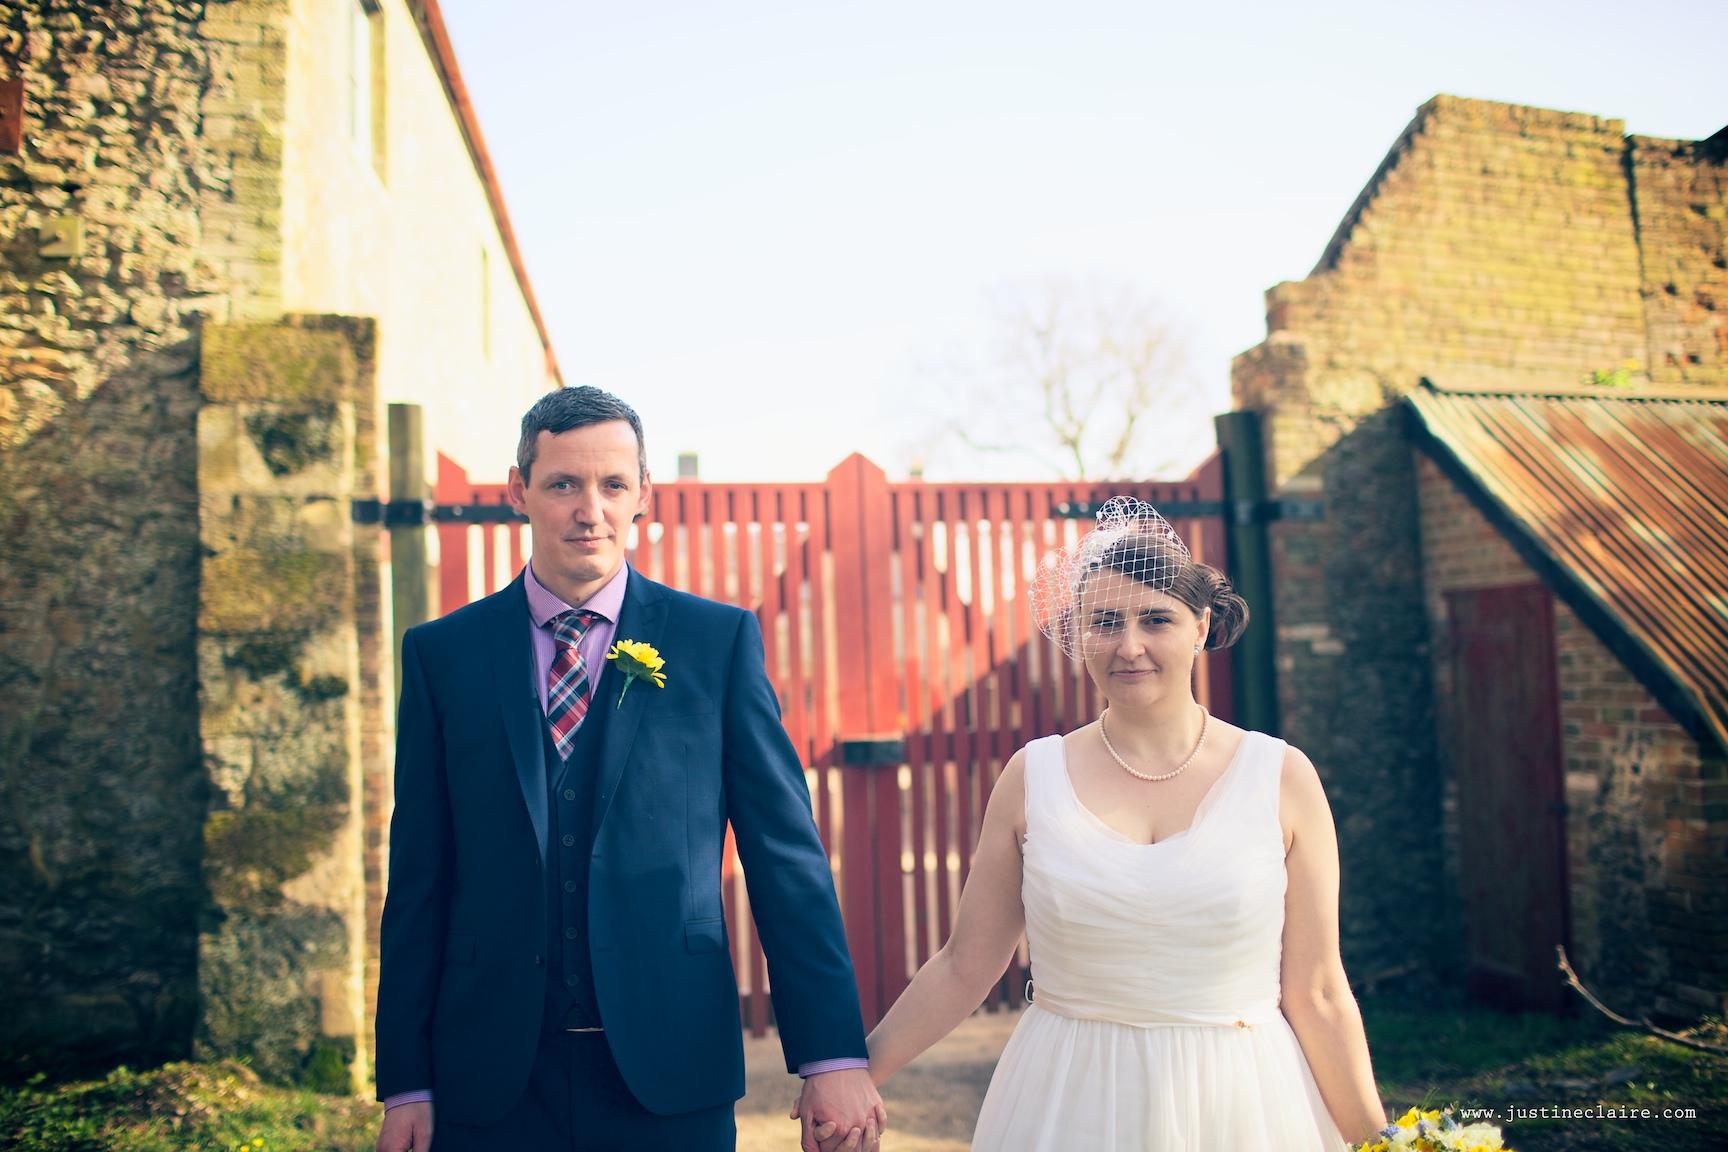 Weddings in West Sussex - Arundel Park